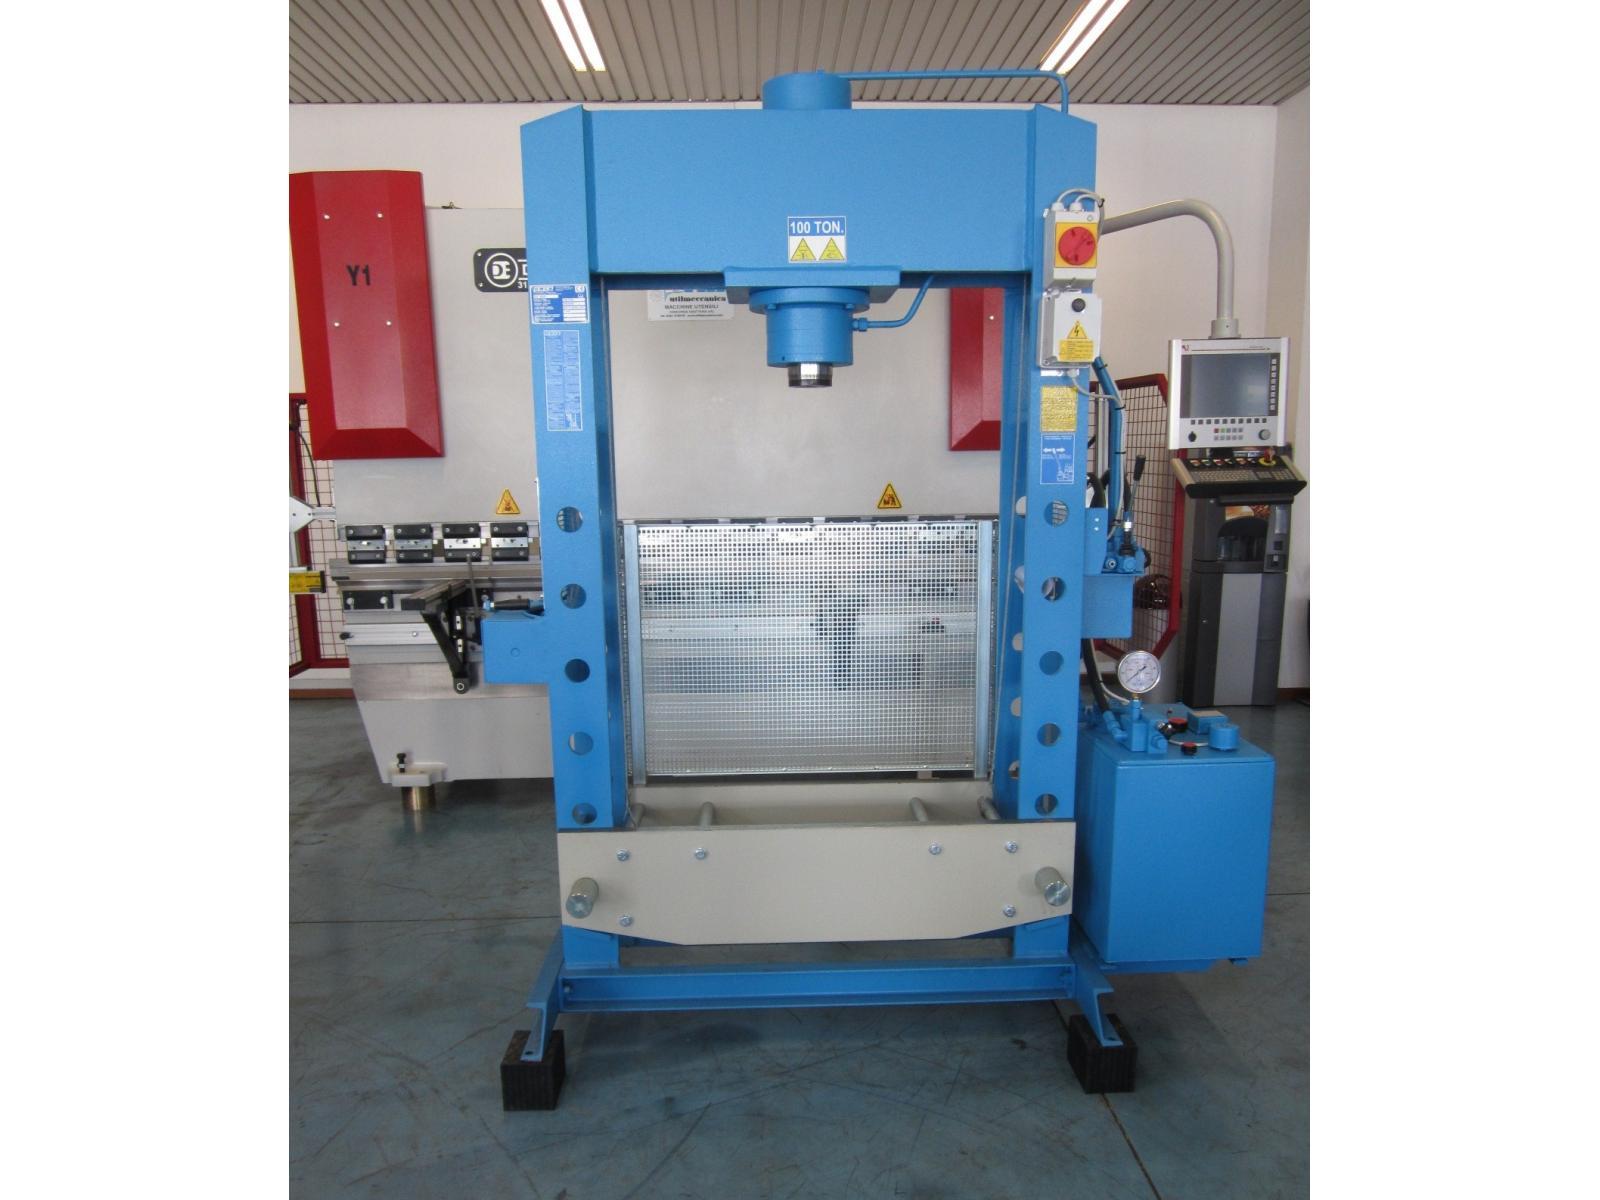 Pressa per officina 100 ton omcn 164 r for Pressa idraulica 100 ton usata